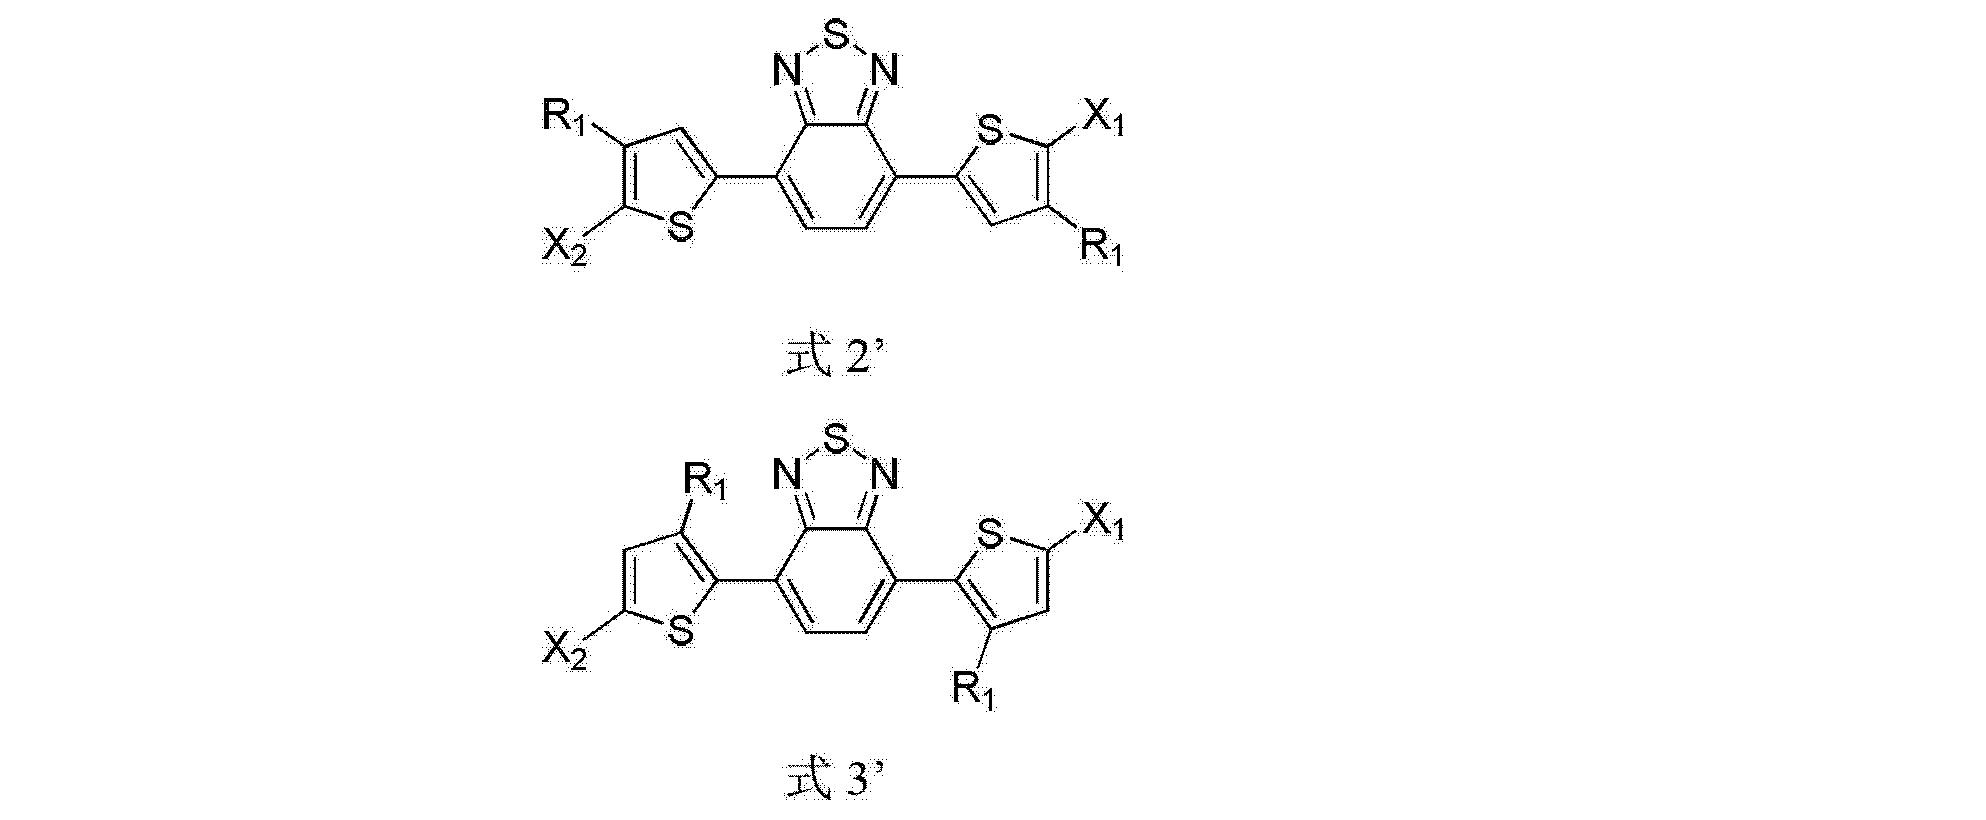 [0024]式 4 [0025] 式3中,R1代表各类烷基、烷氧基,位置可为噻吩@位其中之一;式4中,X1代表氢原子或醛基;X2代表氢原子、碘、醛基。 [0026] 本发明的染料敏化太阳能电池器件包括玻璃基底、二氧化钛纳米层、吸附在二氧化钛纳米颗粒上的染料、碘离子电解质、钼电极和FTO玻璃(掺杂氟的SnO2导电玻璃)层。采用式2所示的染料Ia制备的器件能量转换效率达到6%以上,而进一步衍生化的染料最高效率达到9%。 [0027] 本发明的创新之处在于提供了一类结构新颖的含苯并噻二唑的低能级差的有机小分子